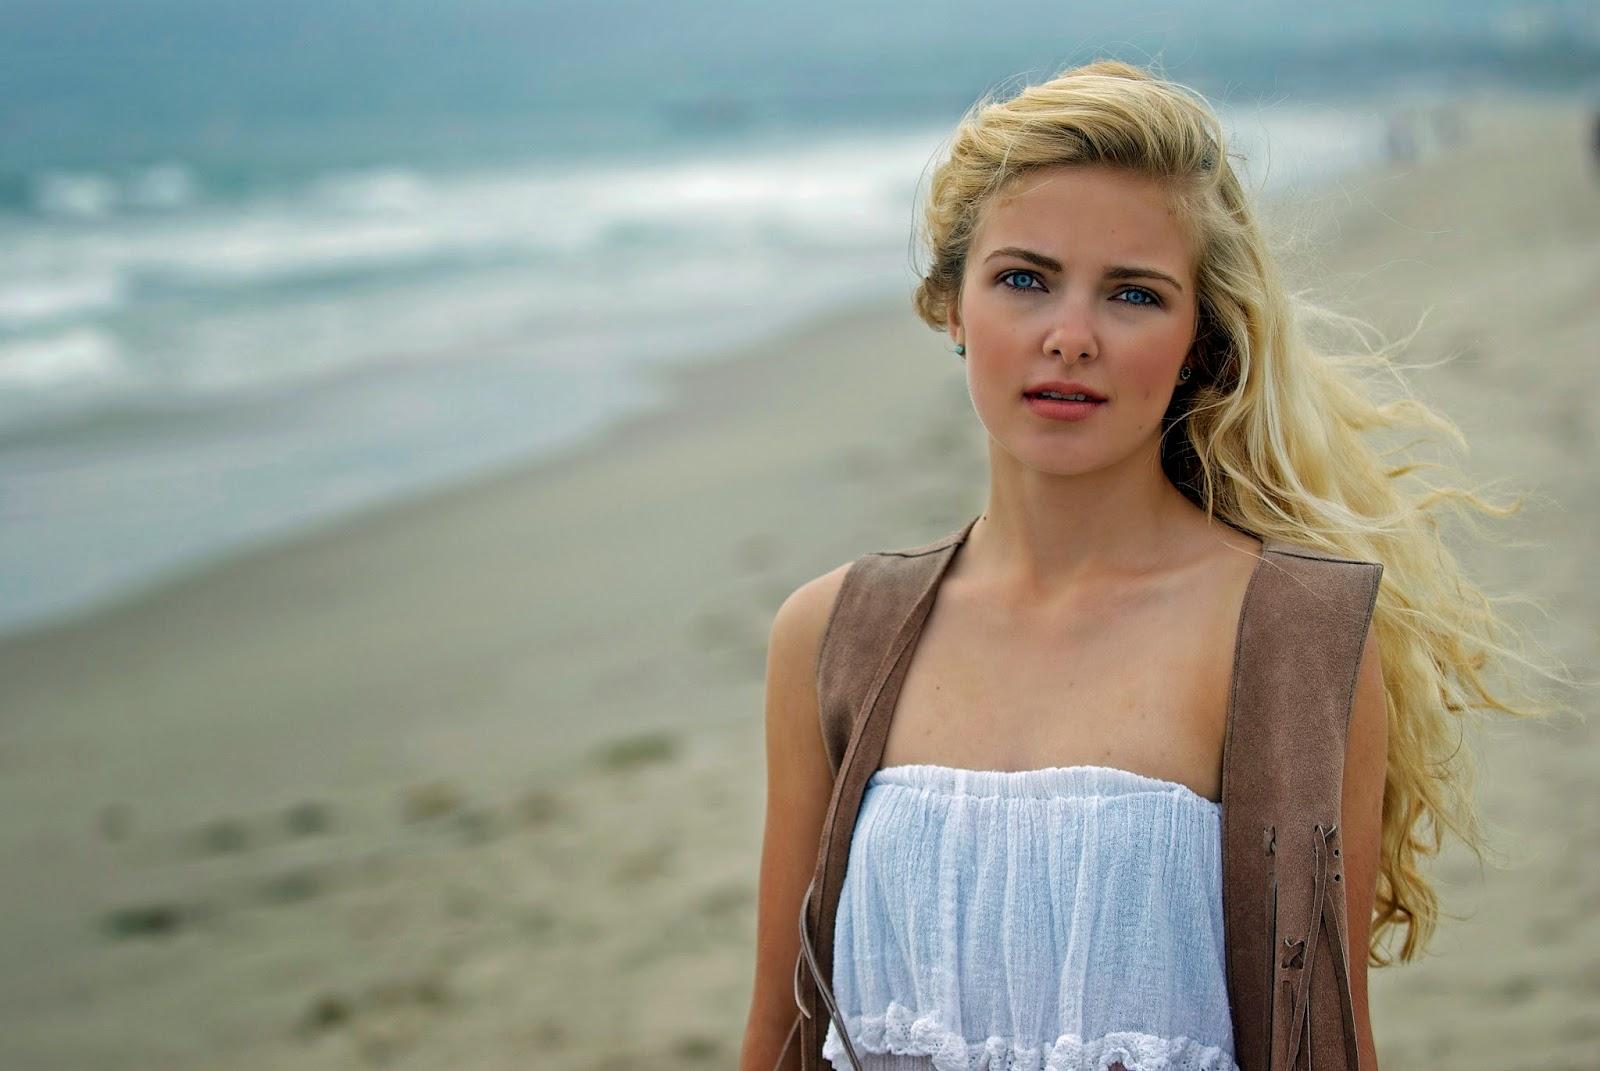 Elpromotions LA Model Emma